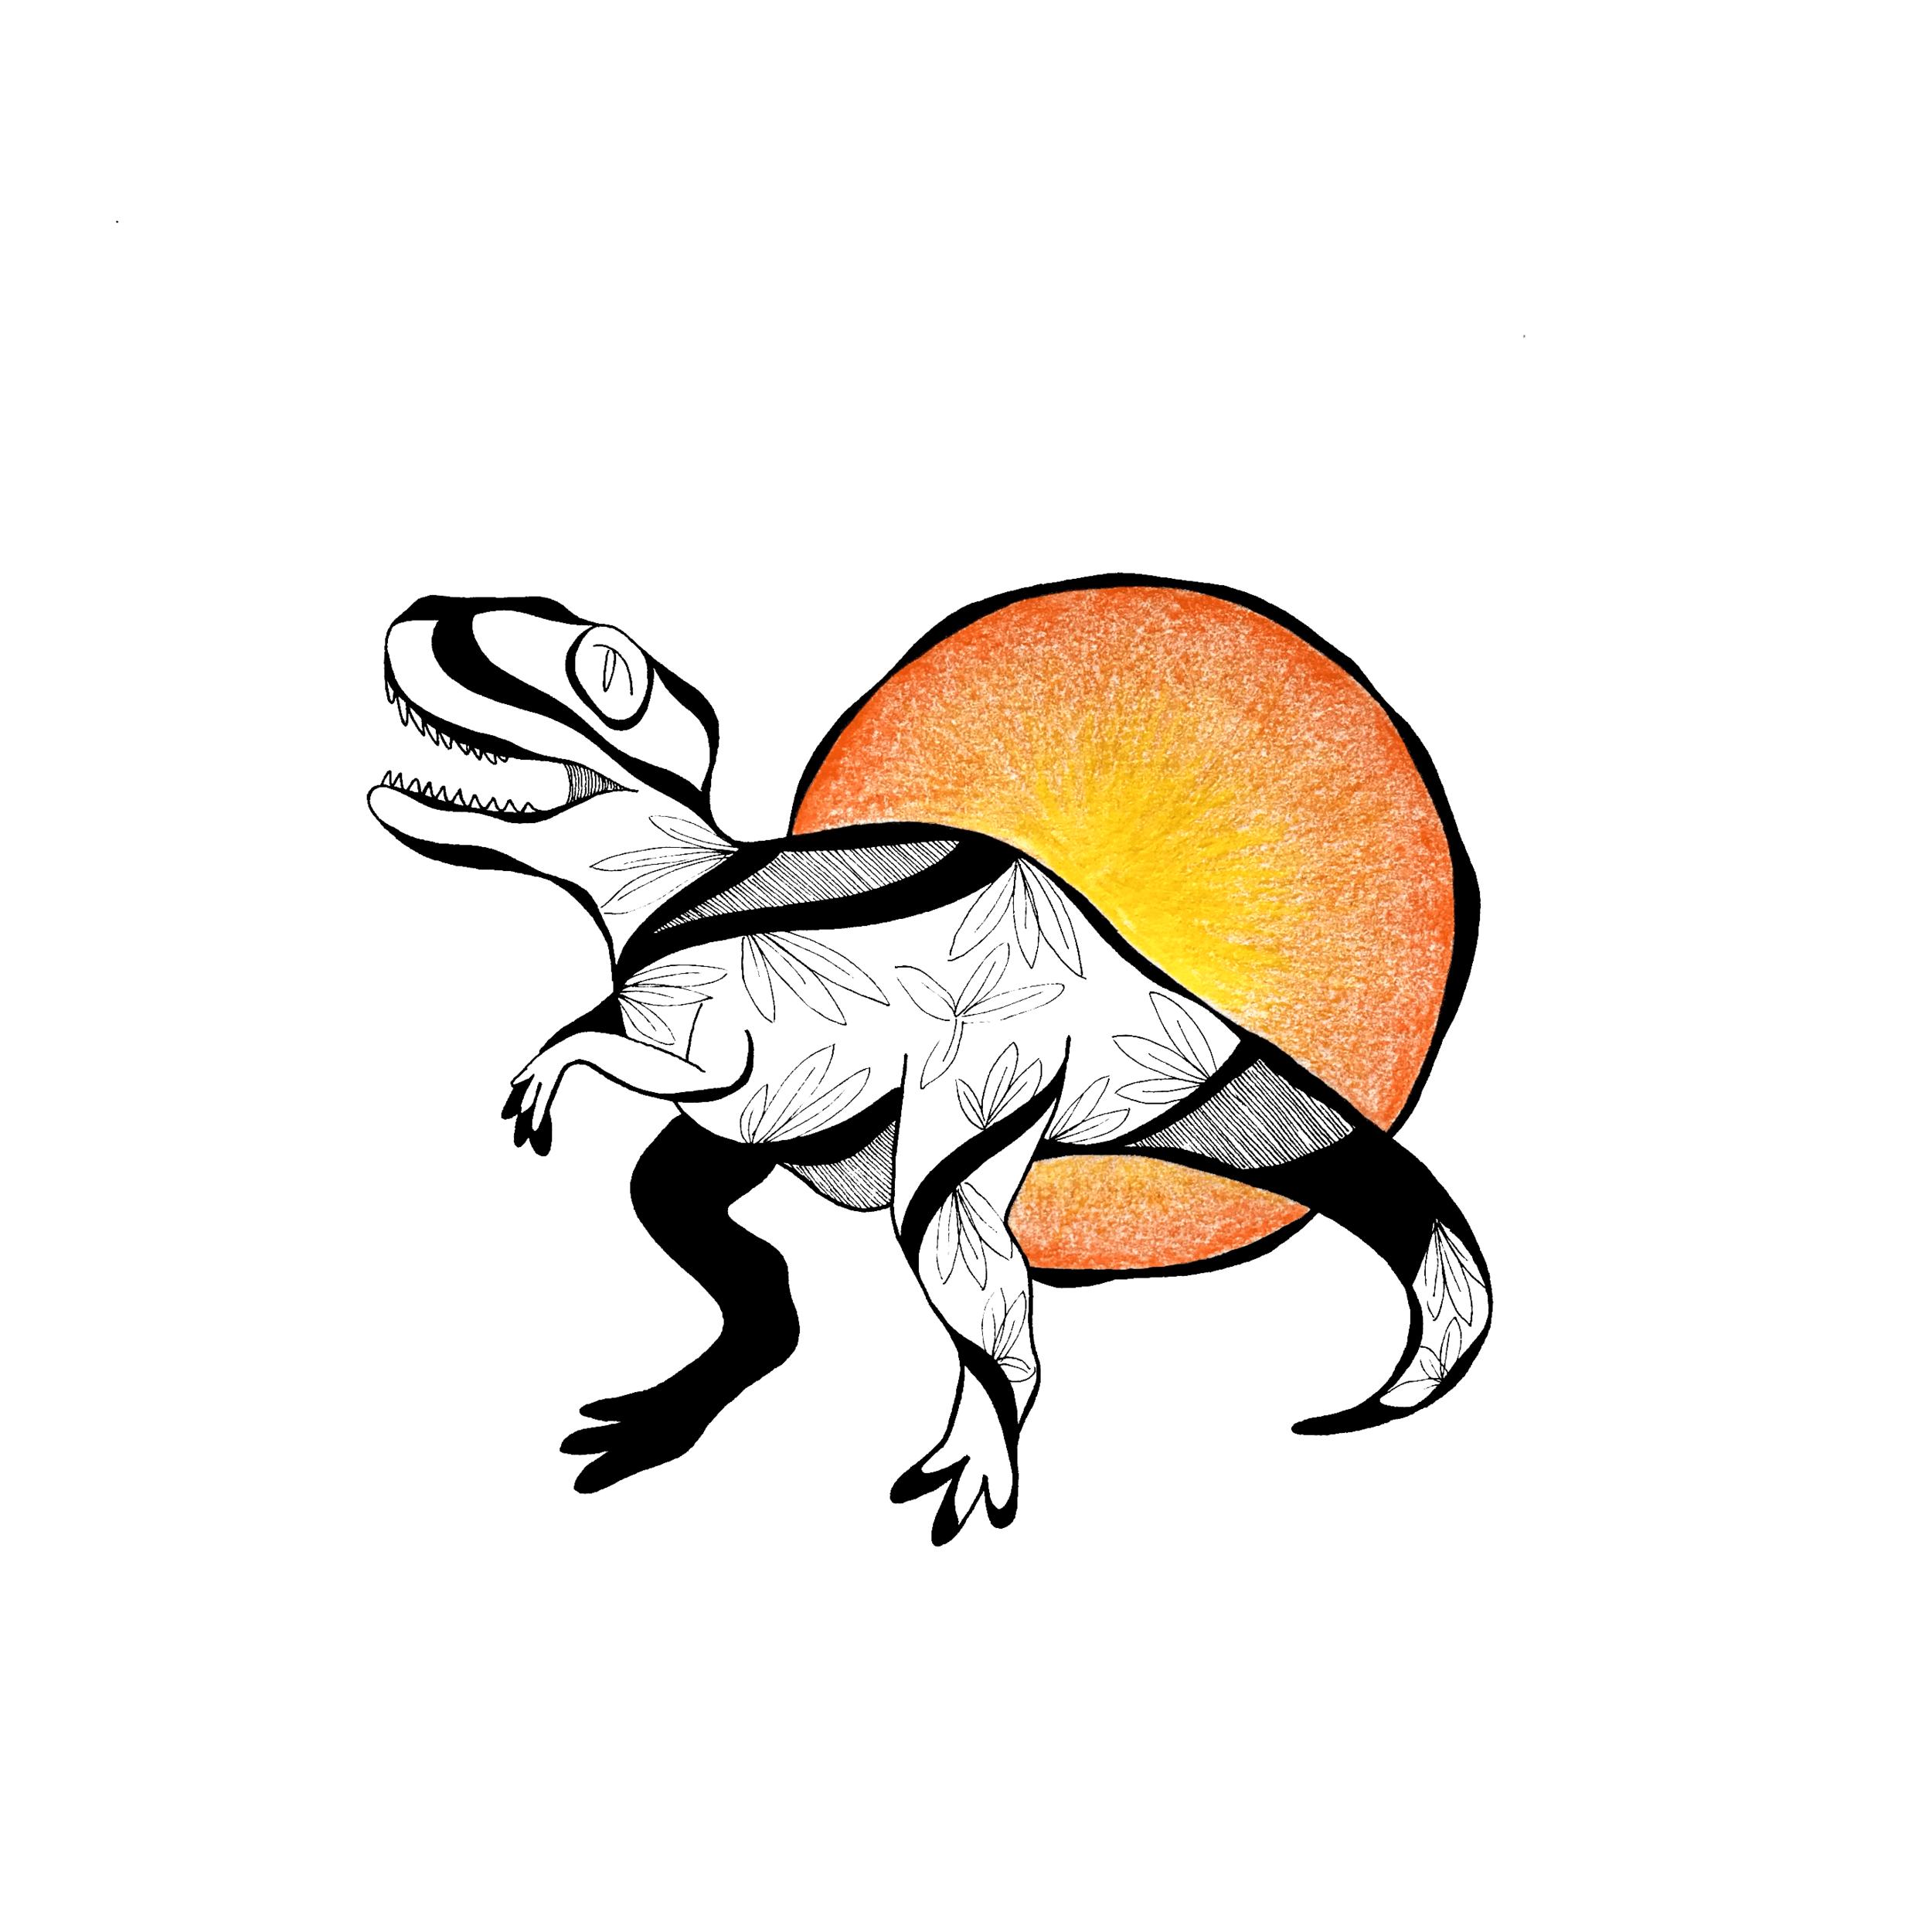 Dinosaur-min.png